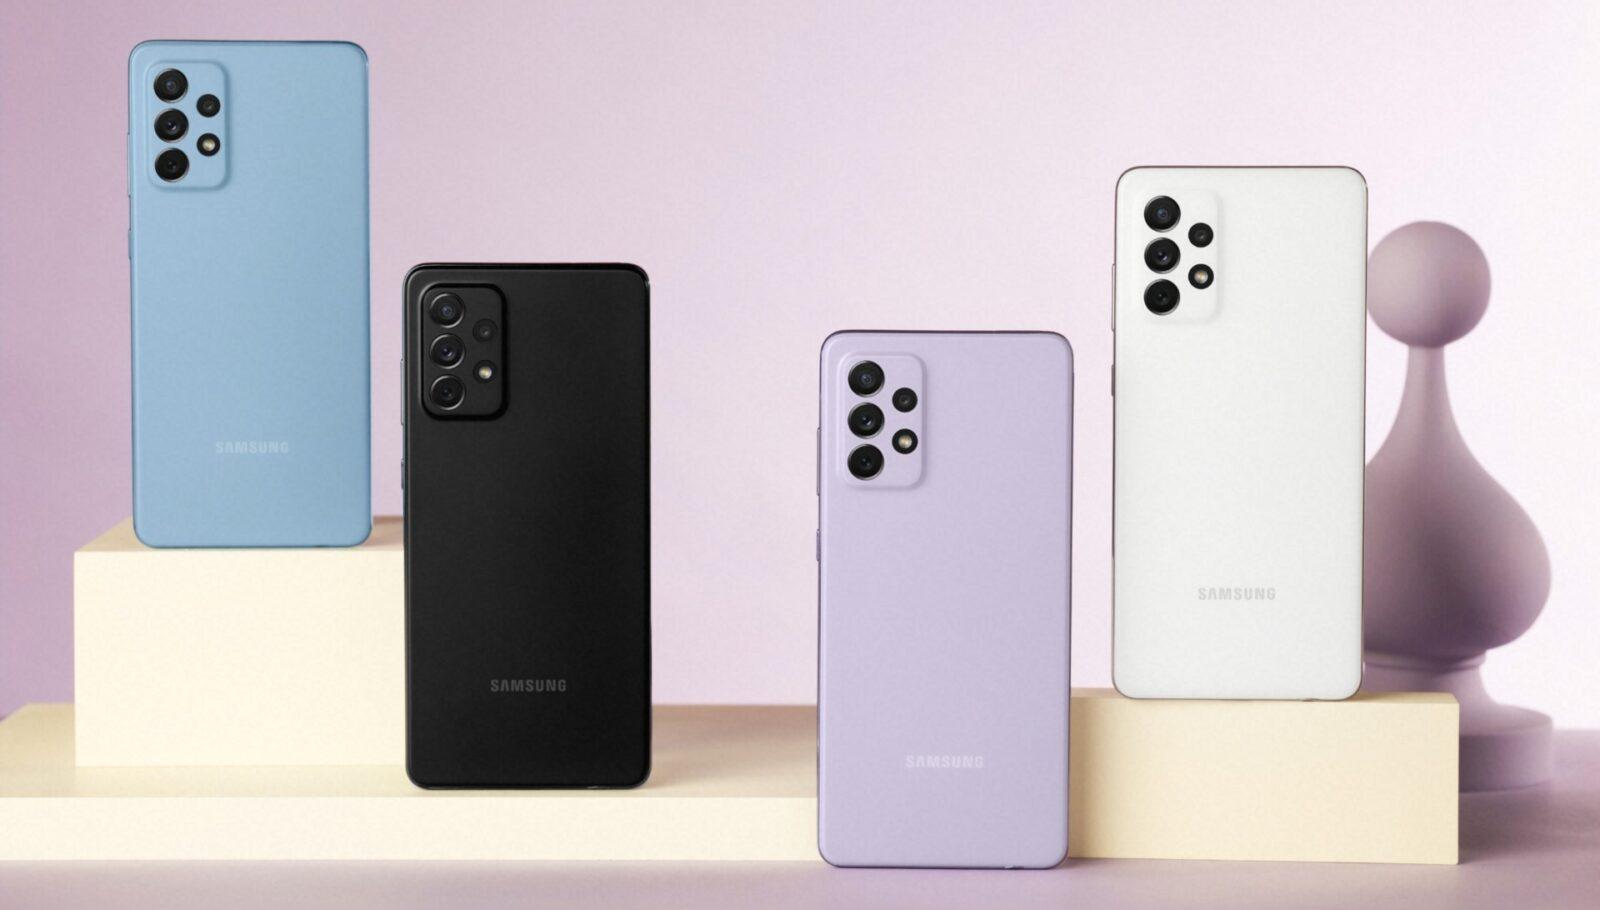 Обзор Samsung Galaxy A52: красивый, мощный и недорогой смартфон (samsung galaxy a52 5g a72 1 large)